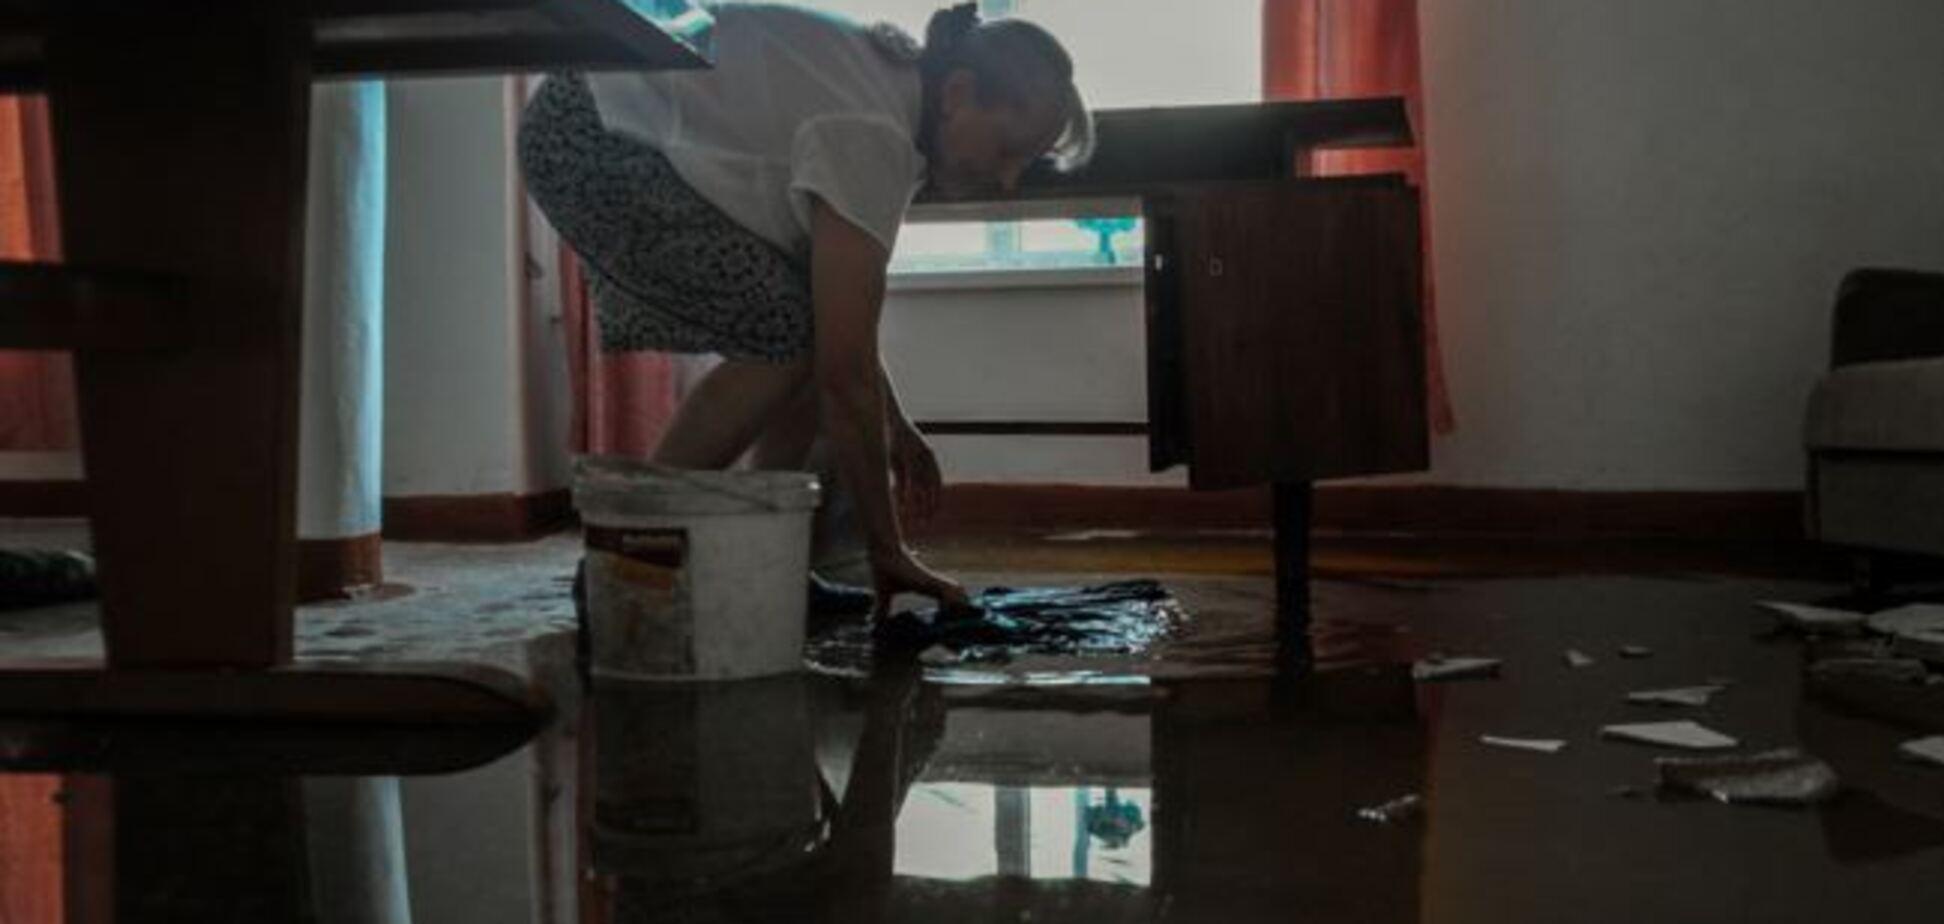 Алтарь залило, с потолка течет: в Симферополе случилось ЧП в соборе ПЦУ